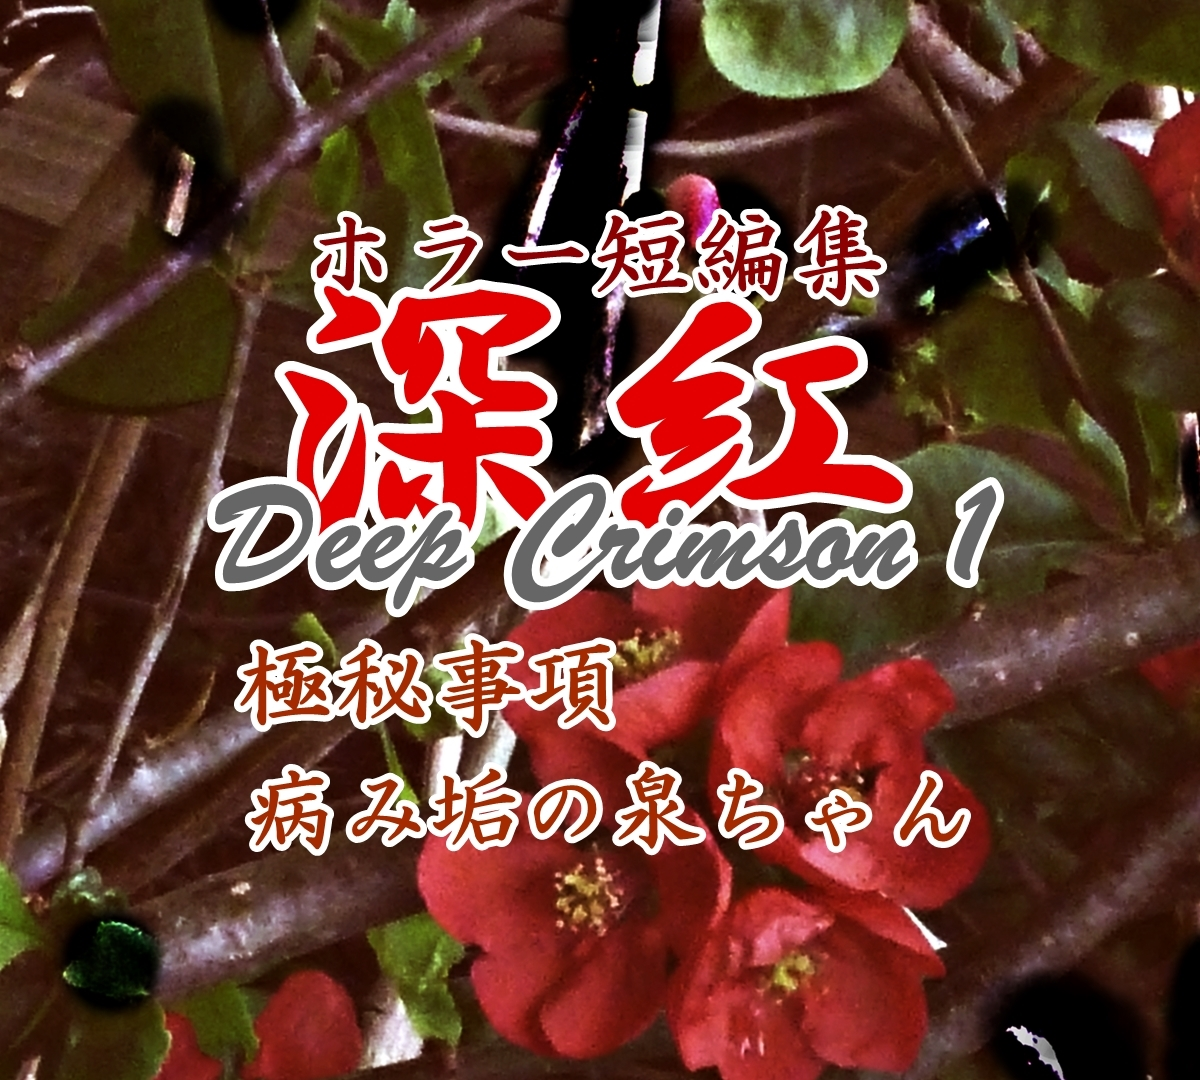 ホラー短編集 深紅 Deep Crimson 1 Kindle本 無料 スマホでも読める